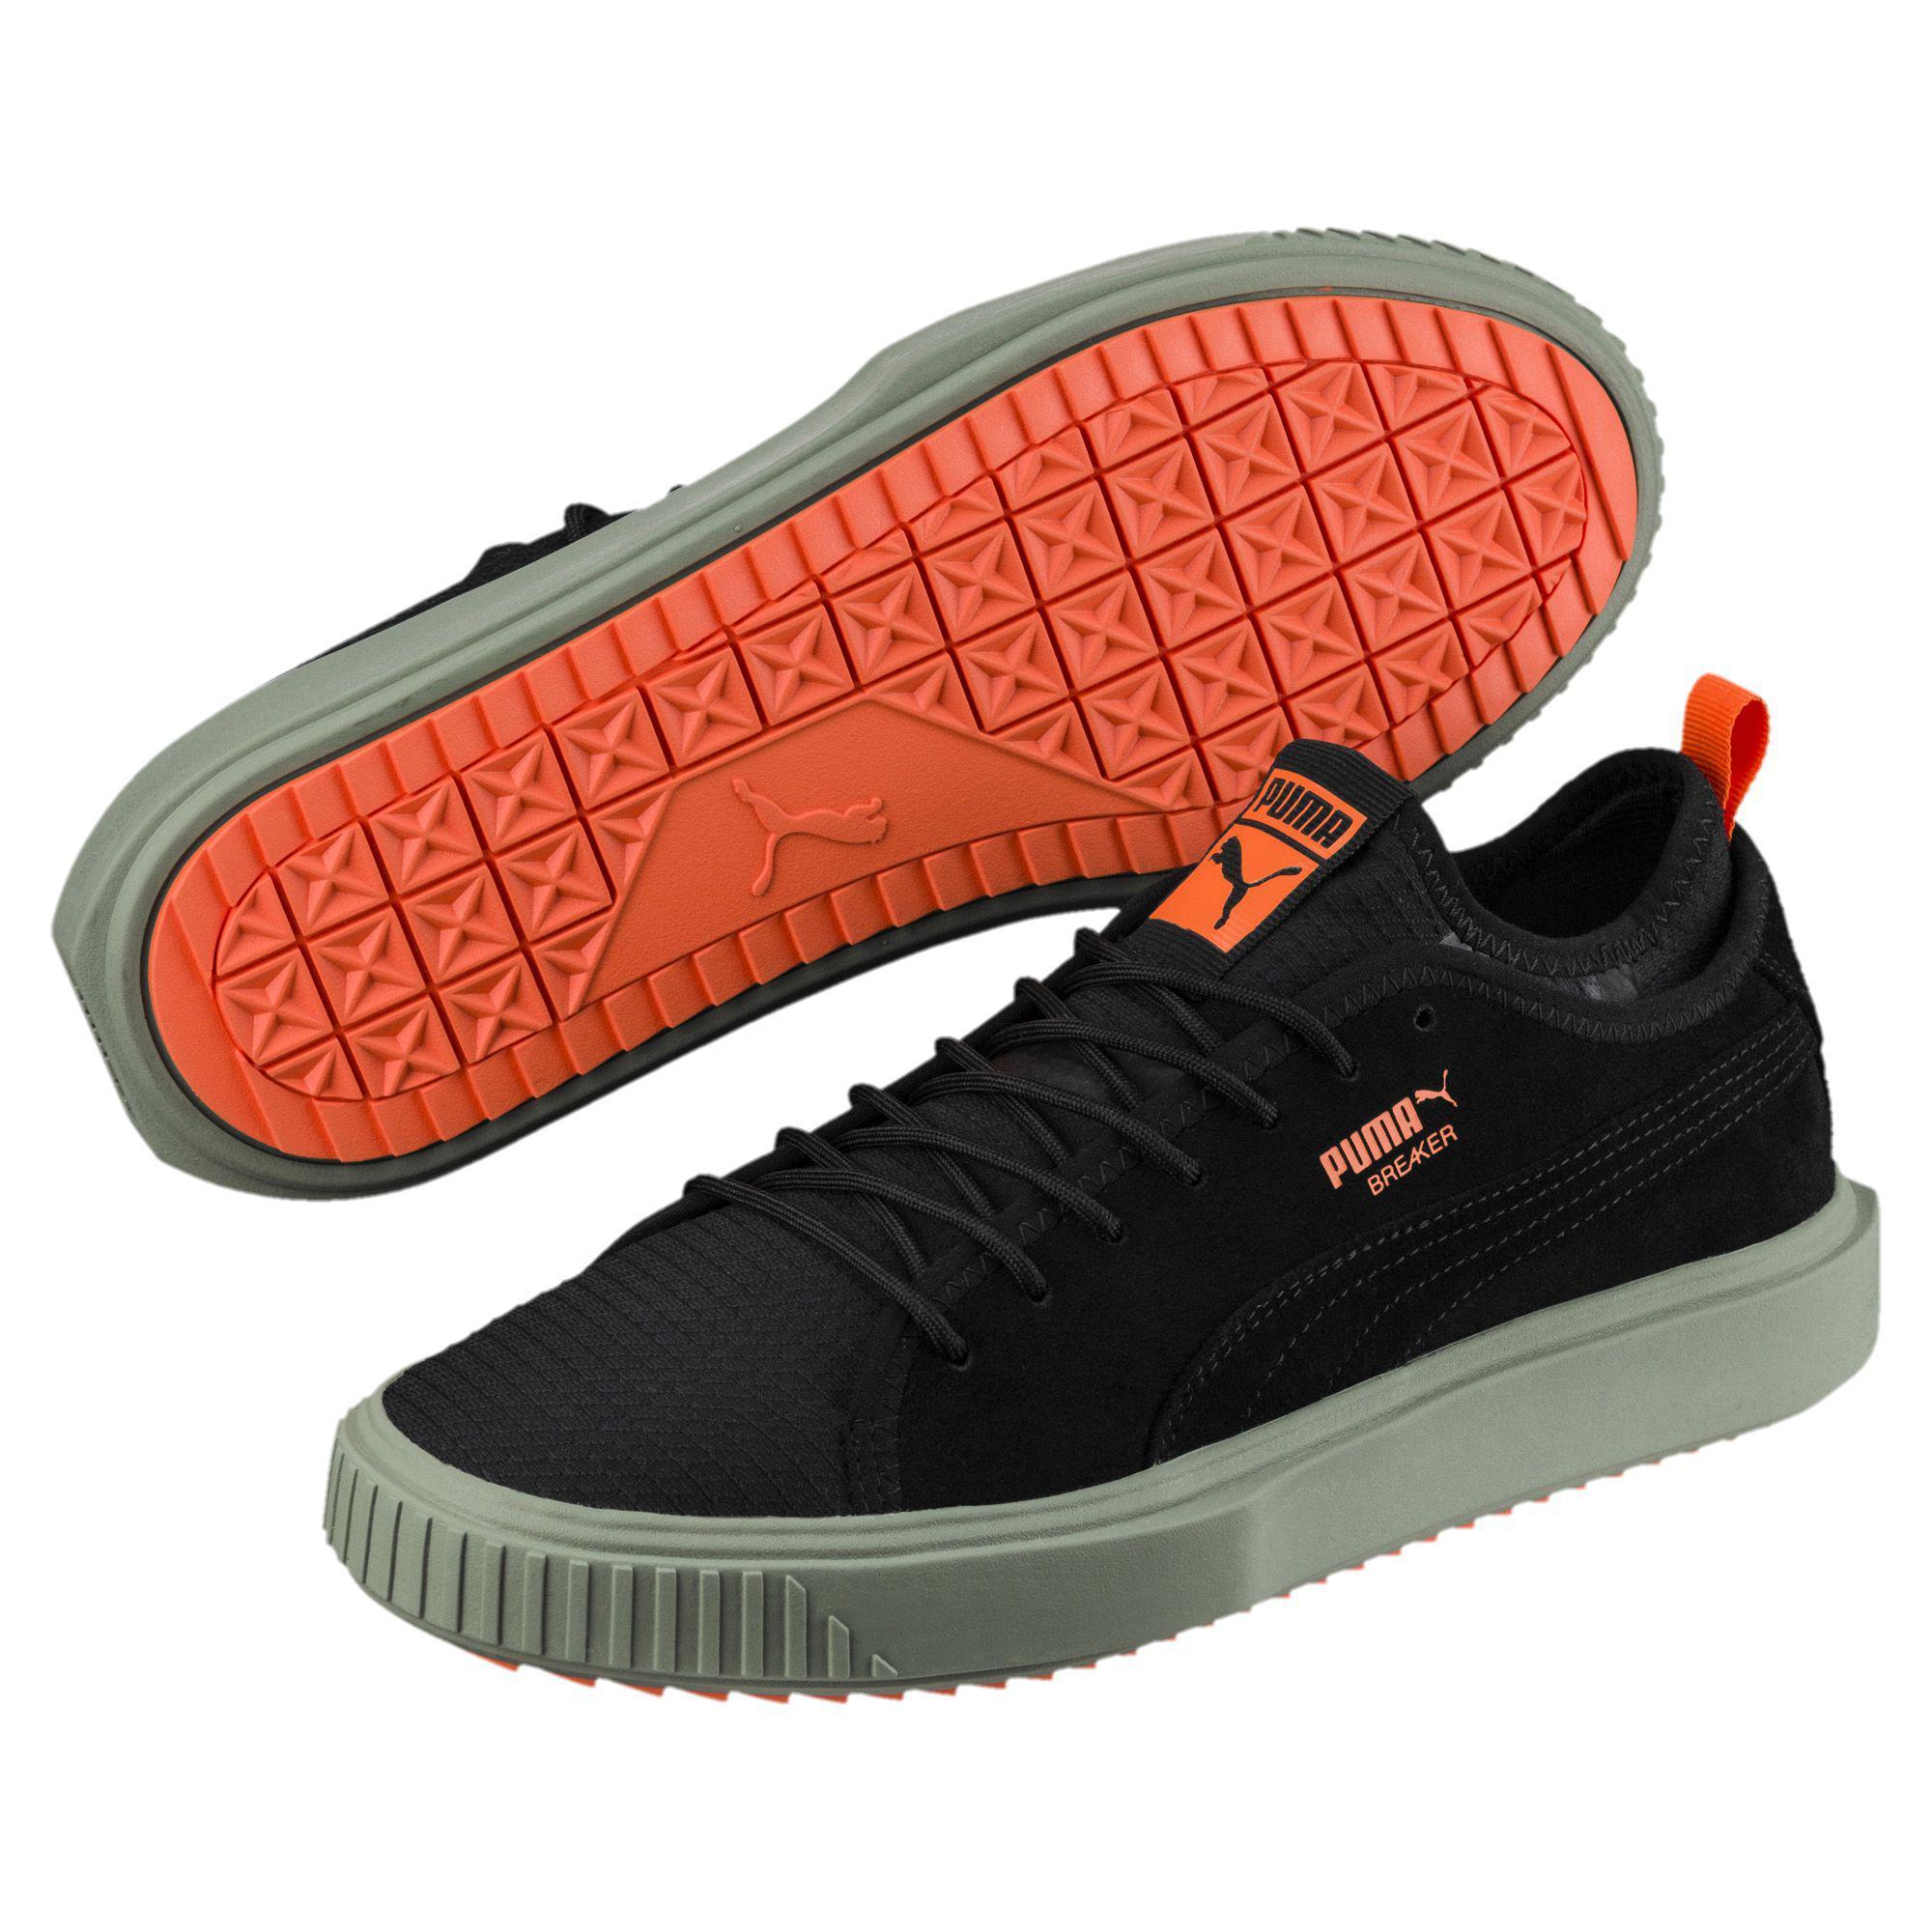 9bd24d40d67307 Lyst - PUMA Breaker Mesh Fight Or Flight Sneakers in Black for Men